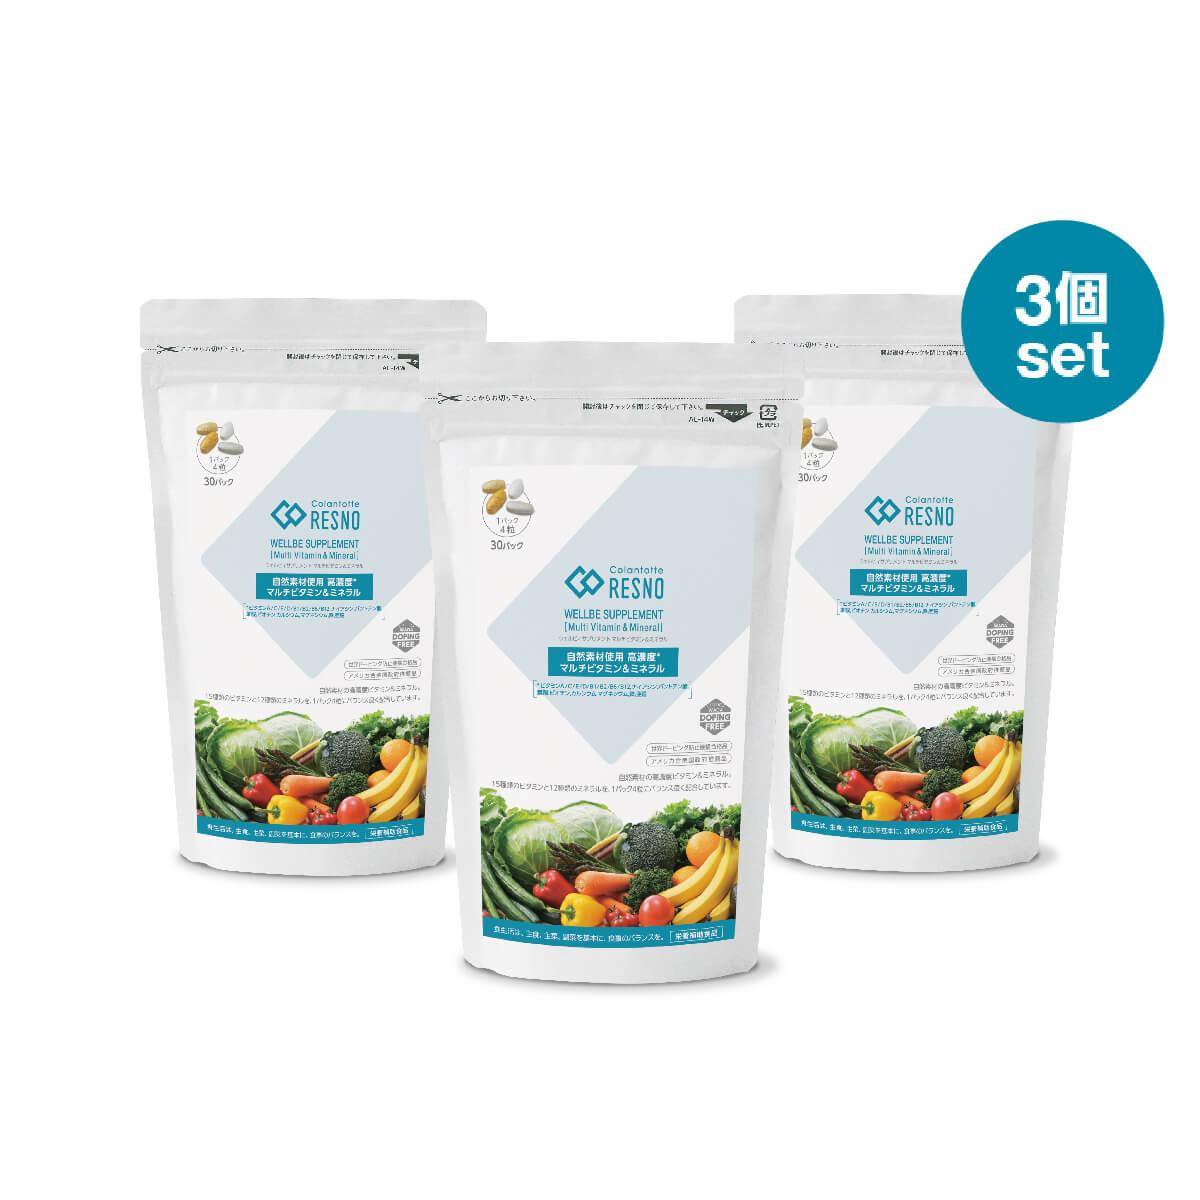 コラントッテRESNO ウェルビィサプリ Multi Vitamin & Mineral(3個セット)